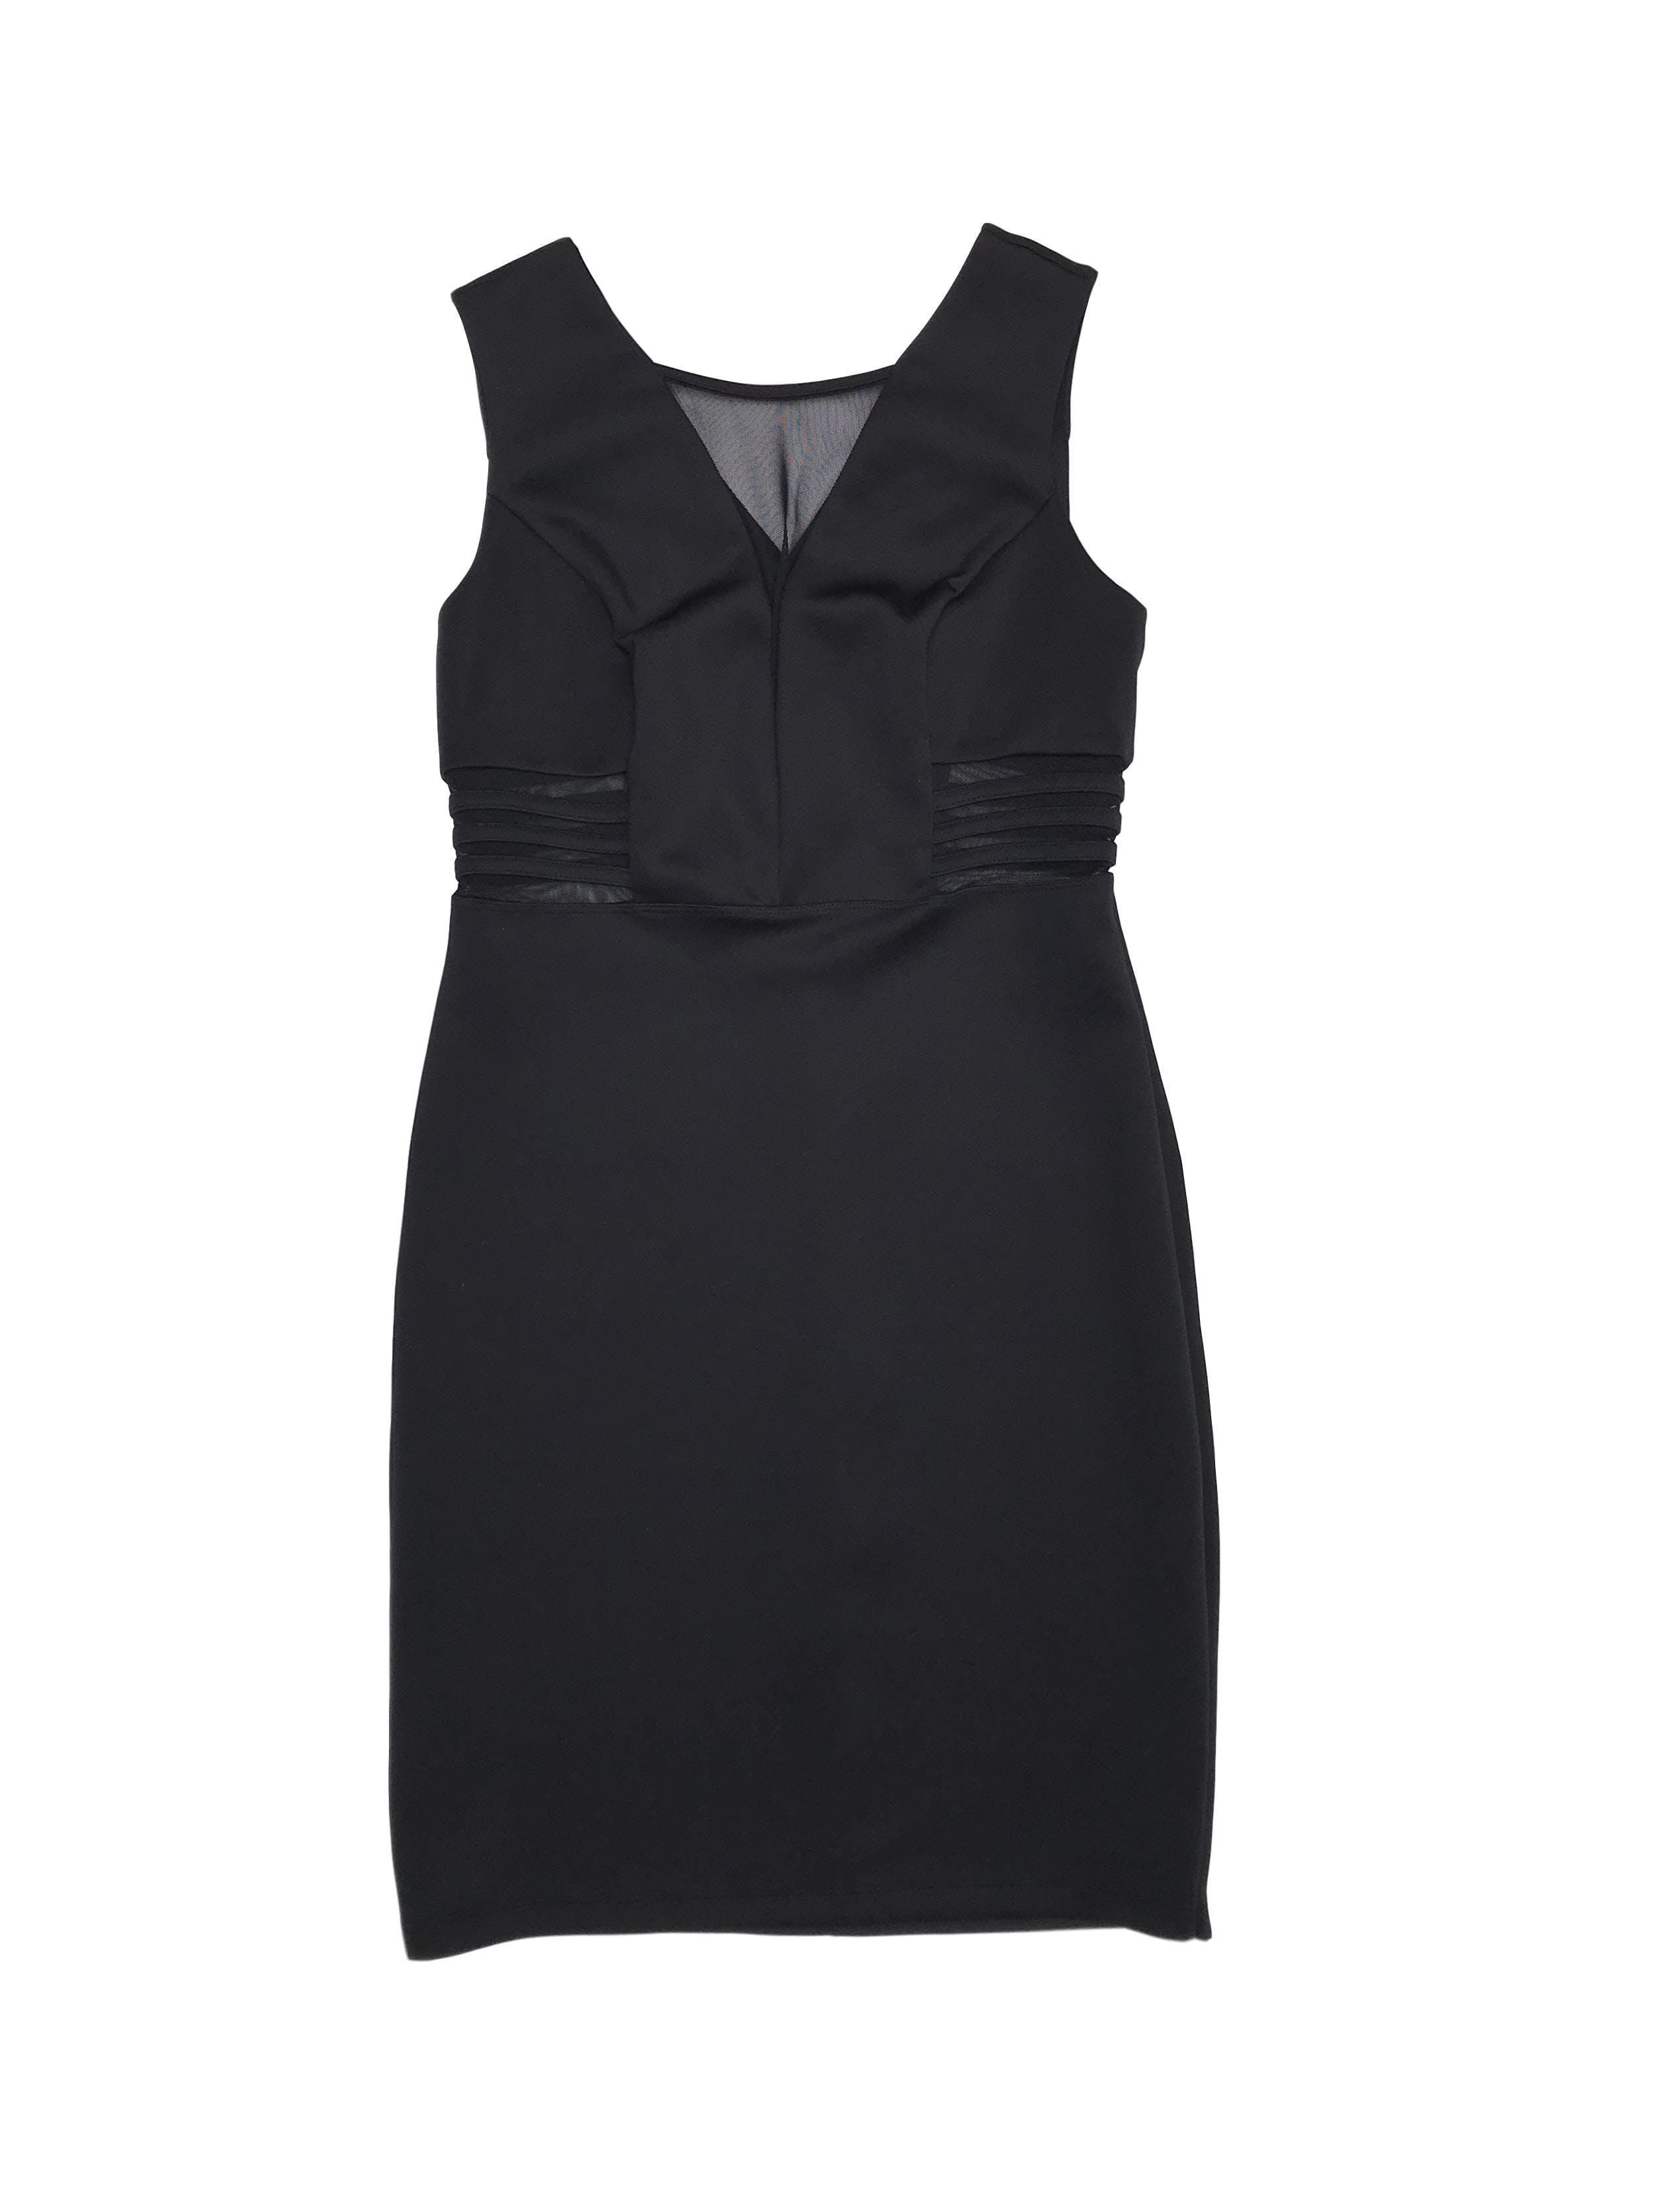 Vestido negro tela tipo neopreno stretch, tul transparencia en escote y cintura